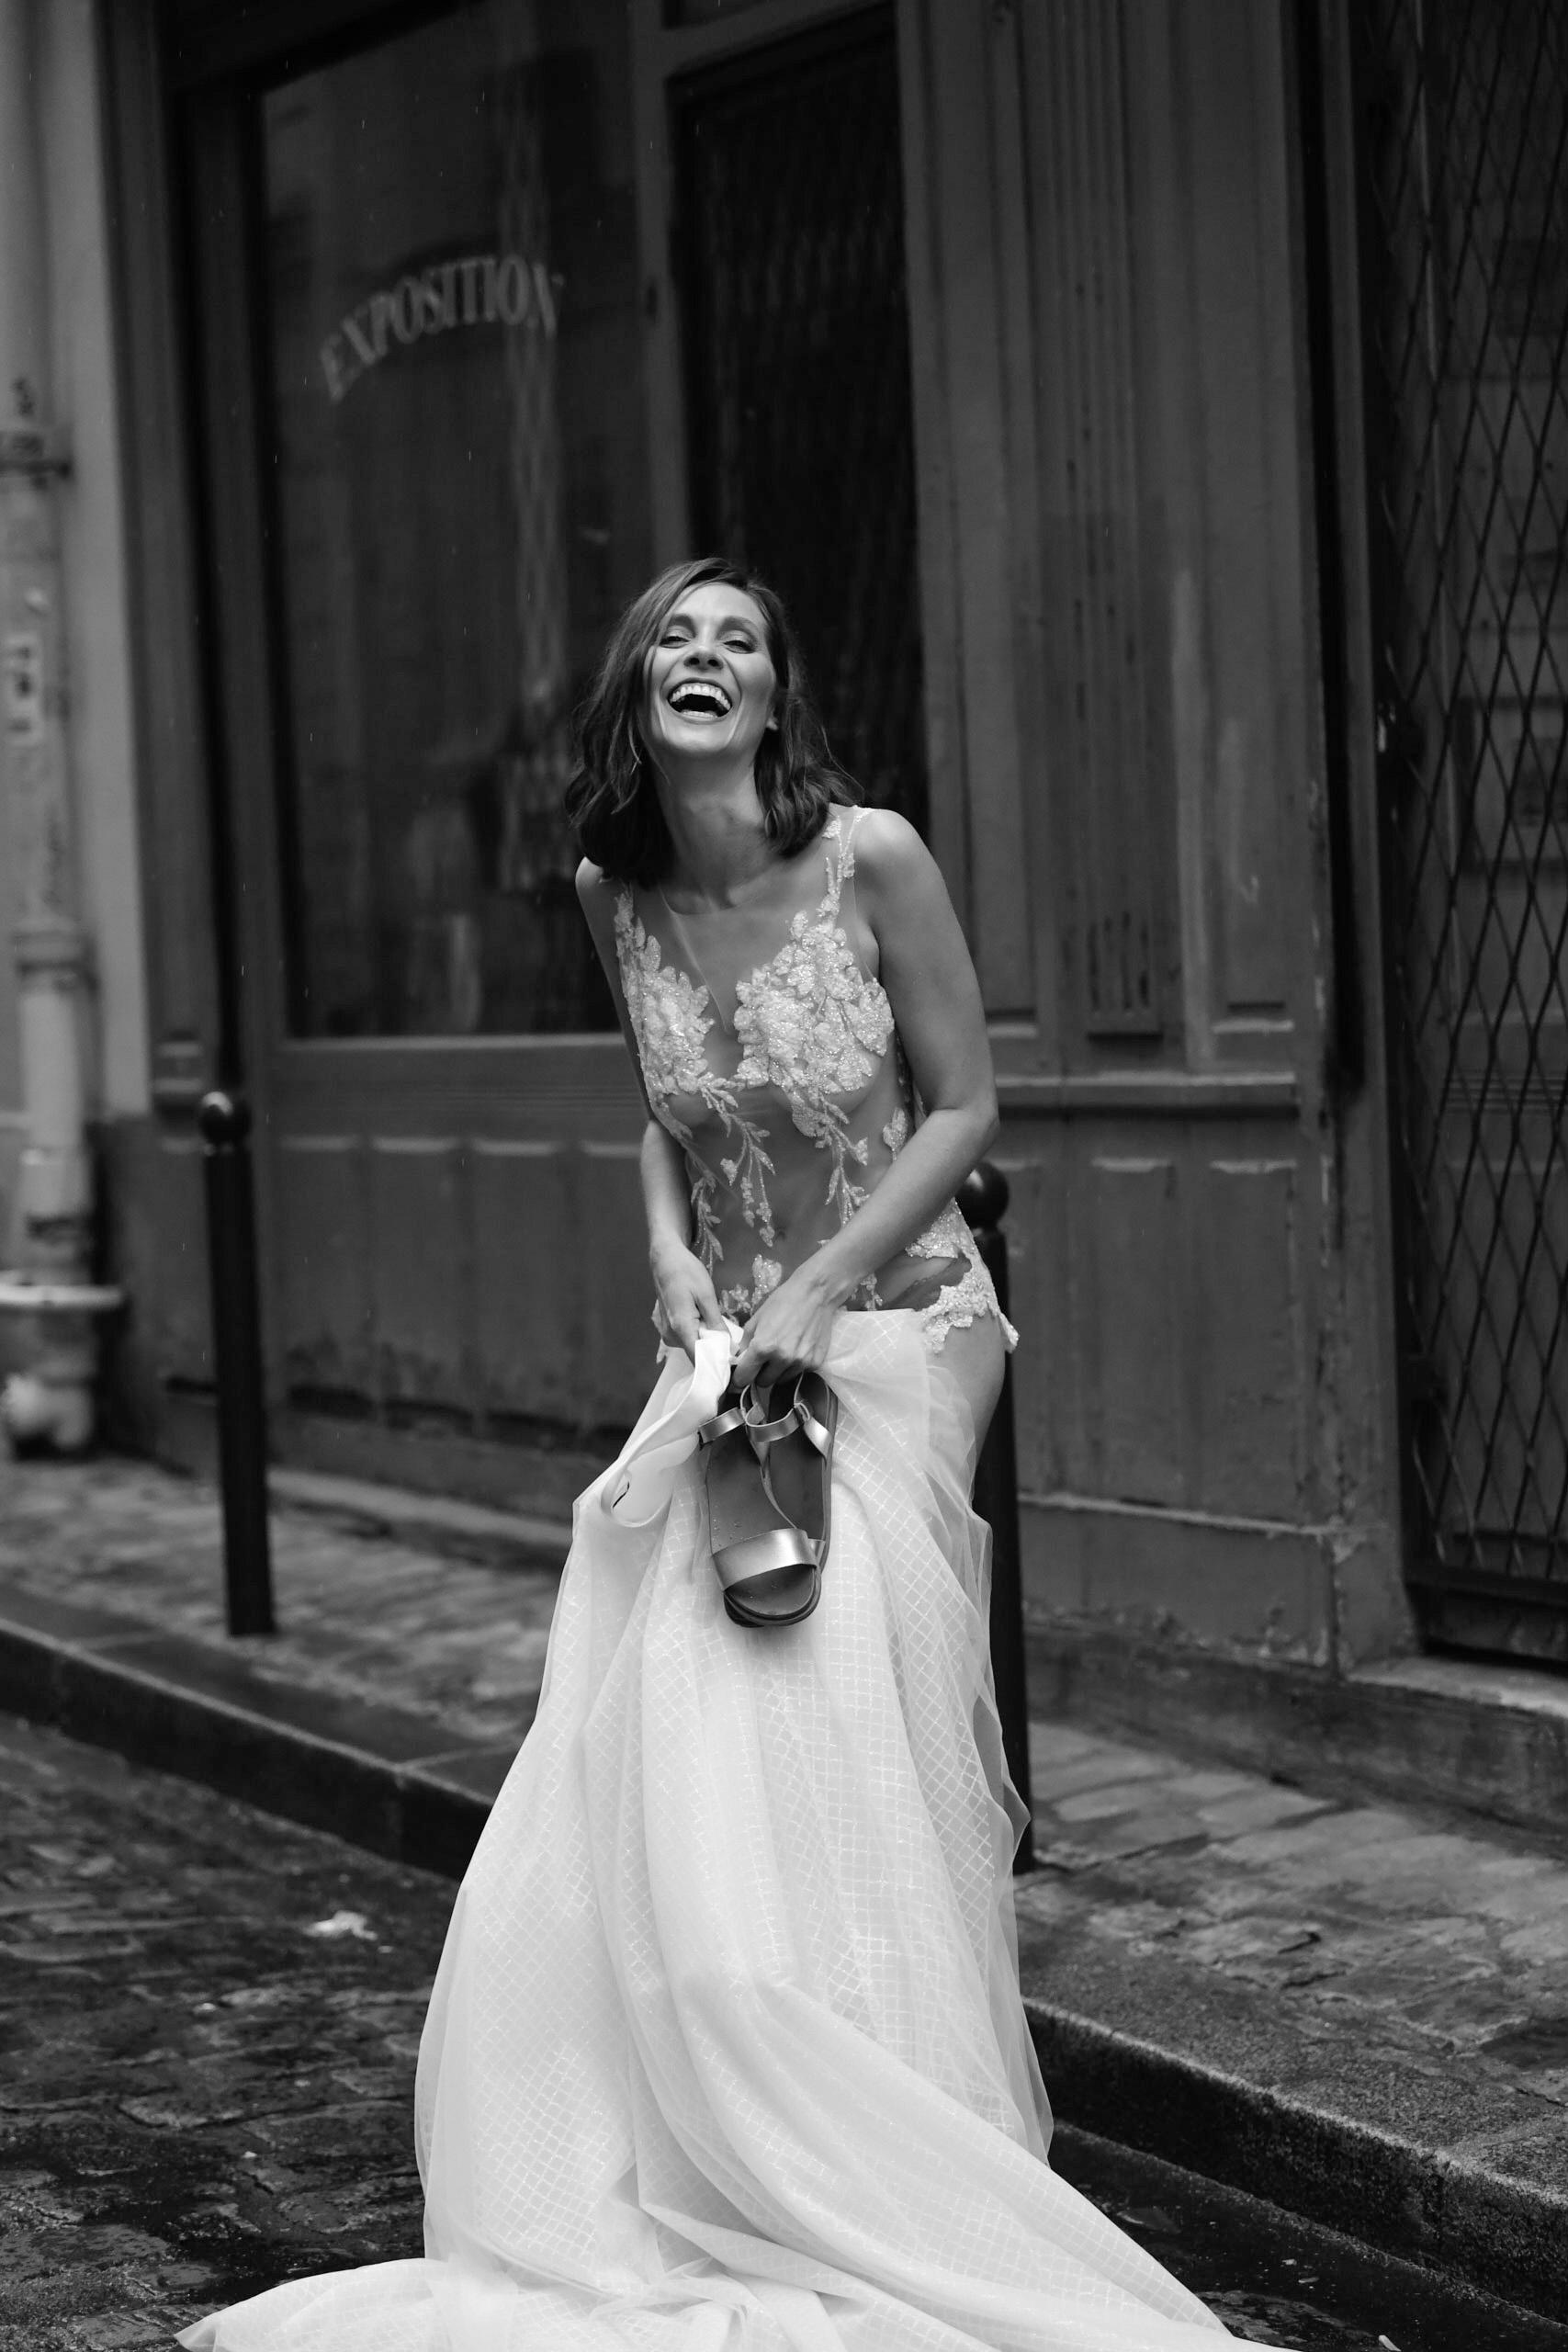 Eine lachende brünette Frau trägt einen weißen Spitzenbody mit einem langen weißen Rock.